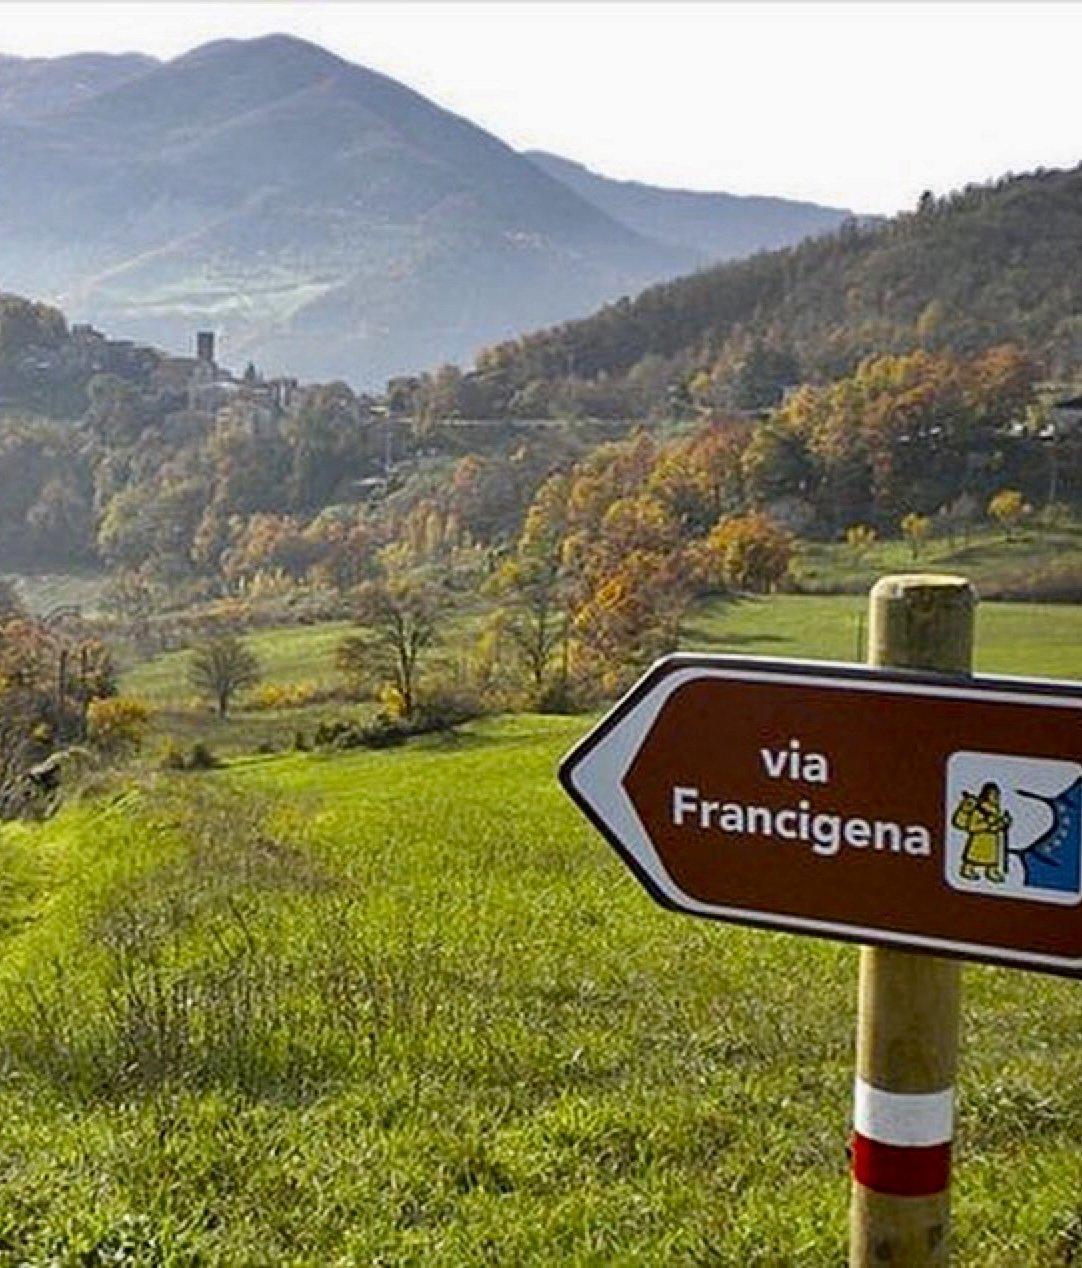 Key Differences Between the Camino de Santiago and Via Francigena